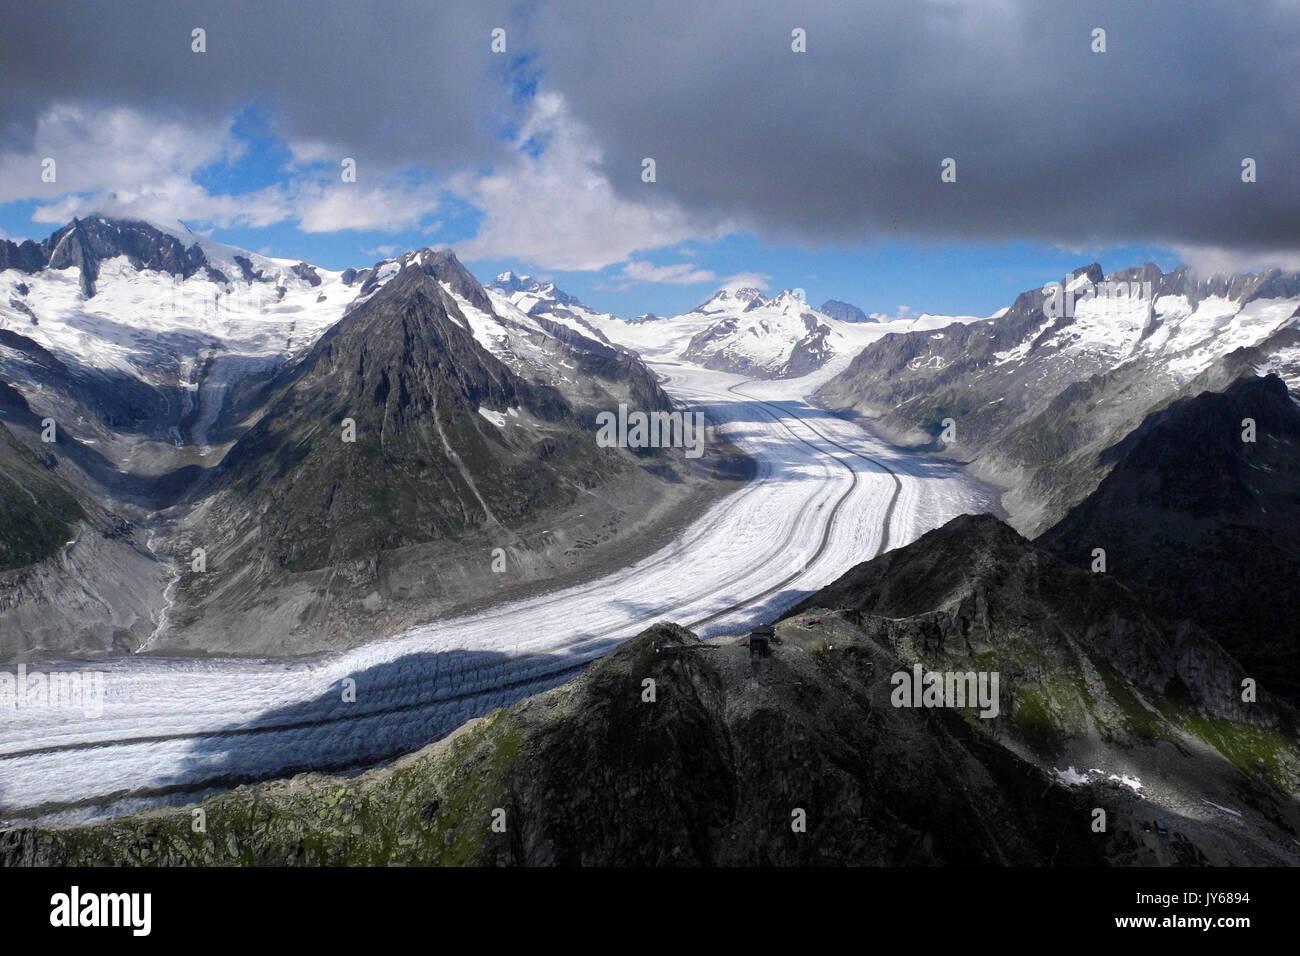 Luftbild Aletschgletscher *** Local Caption *** Olmenhorn, Ice, Alps, Berne, Aletschgletscher, Aletsch, Switzerland, Aerial View, aerial photography,  - Stock Image